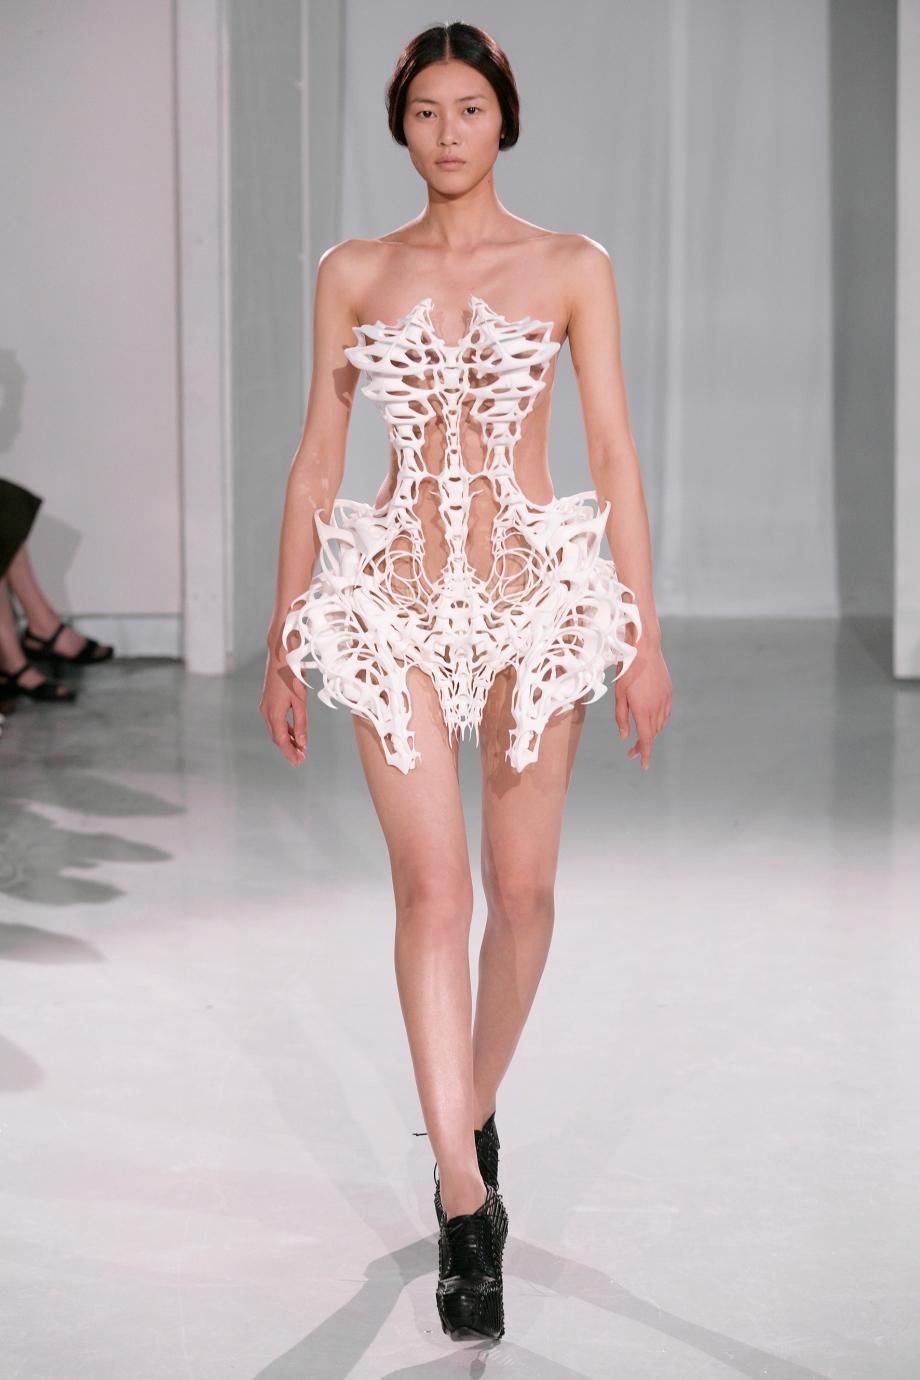 CAPRIOLE – July 2011, Paris Haute Couture Week